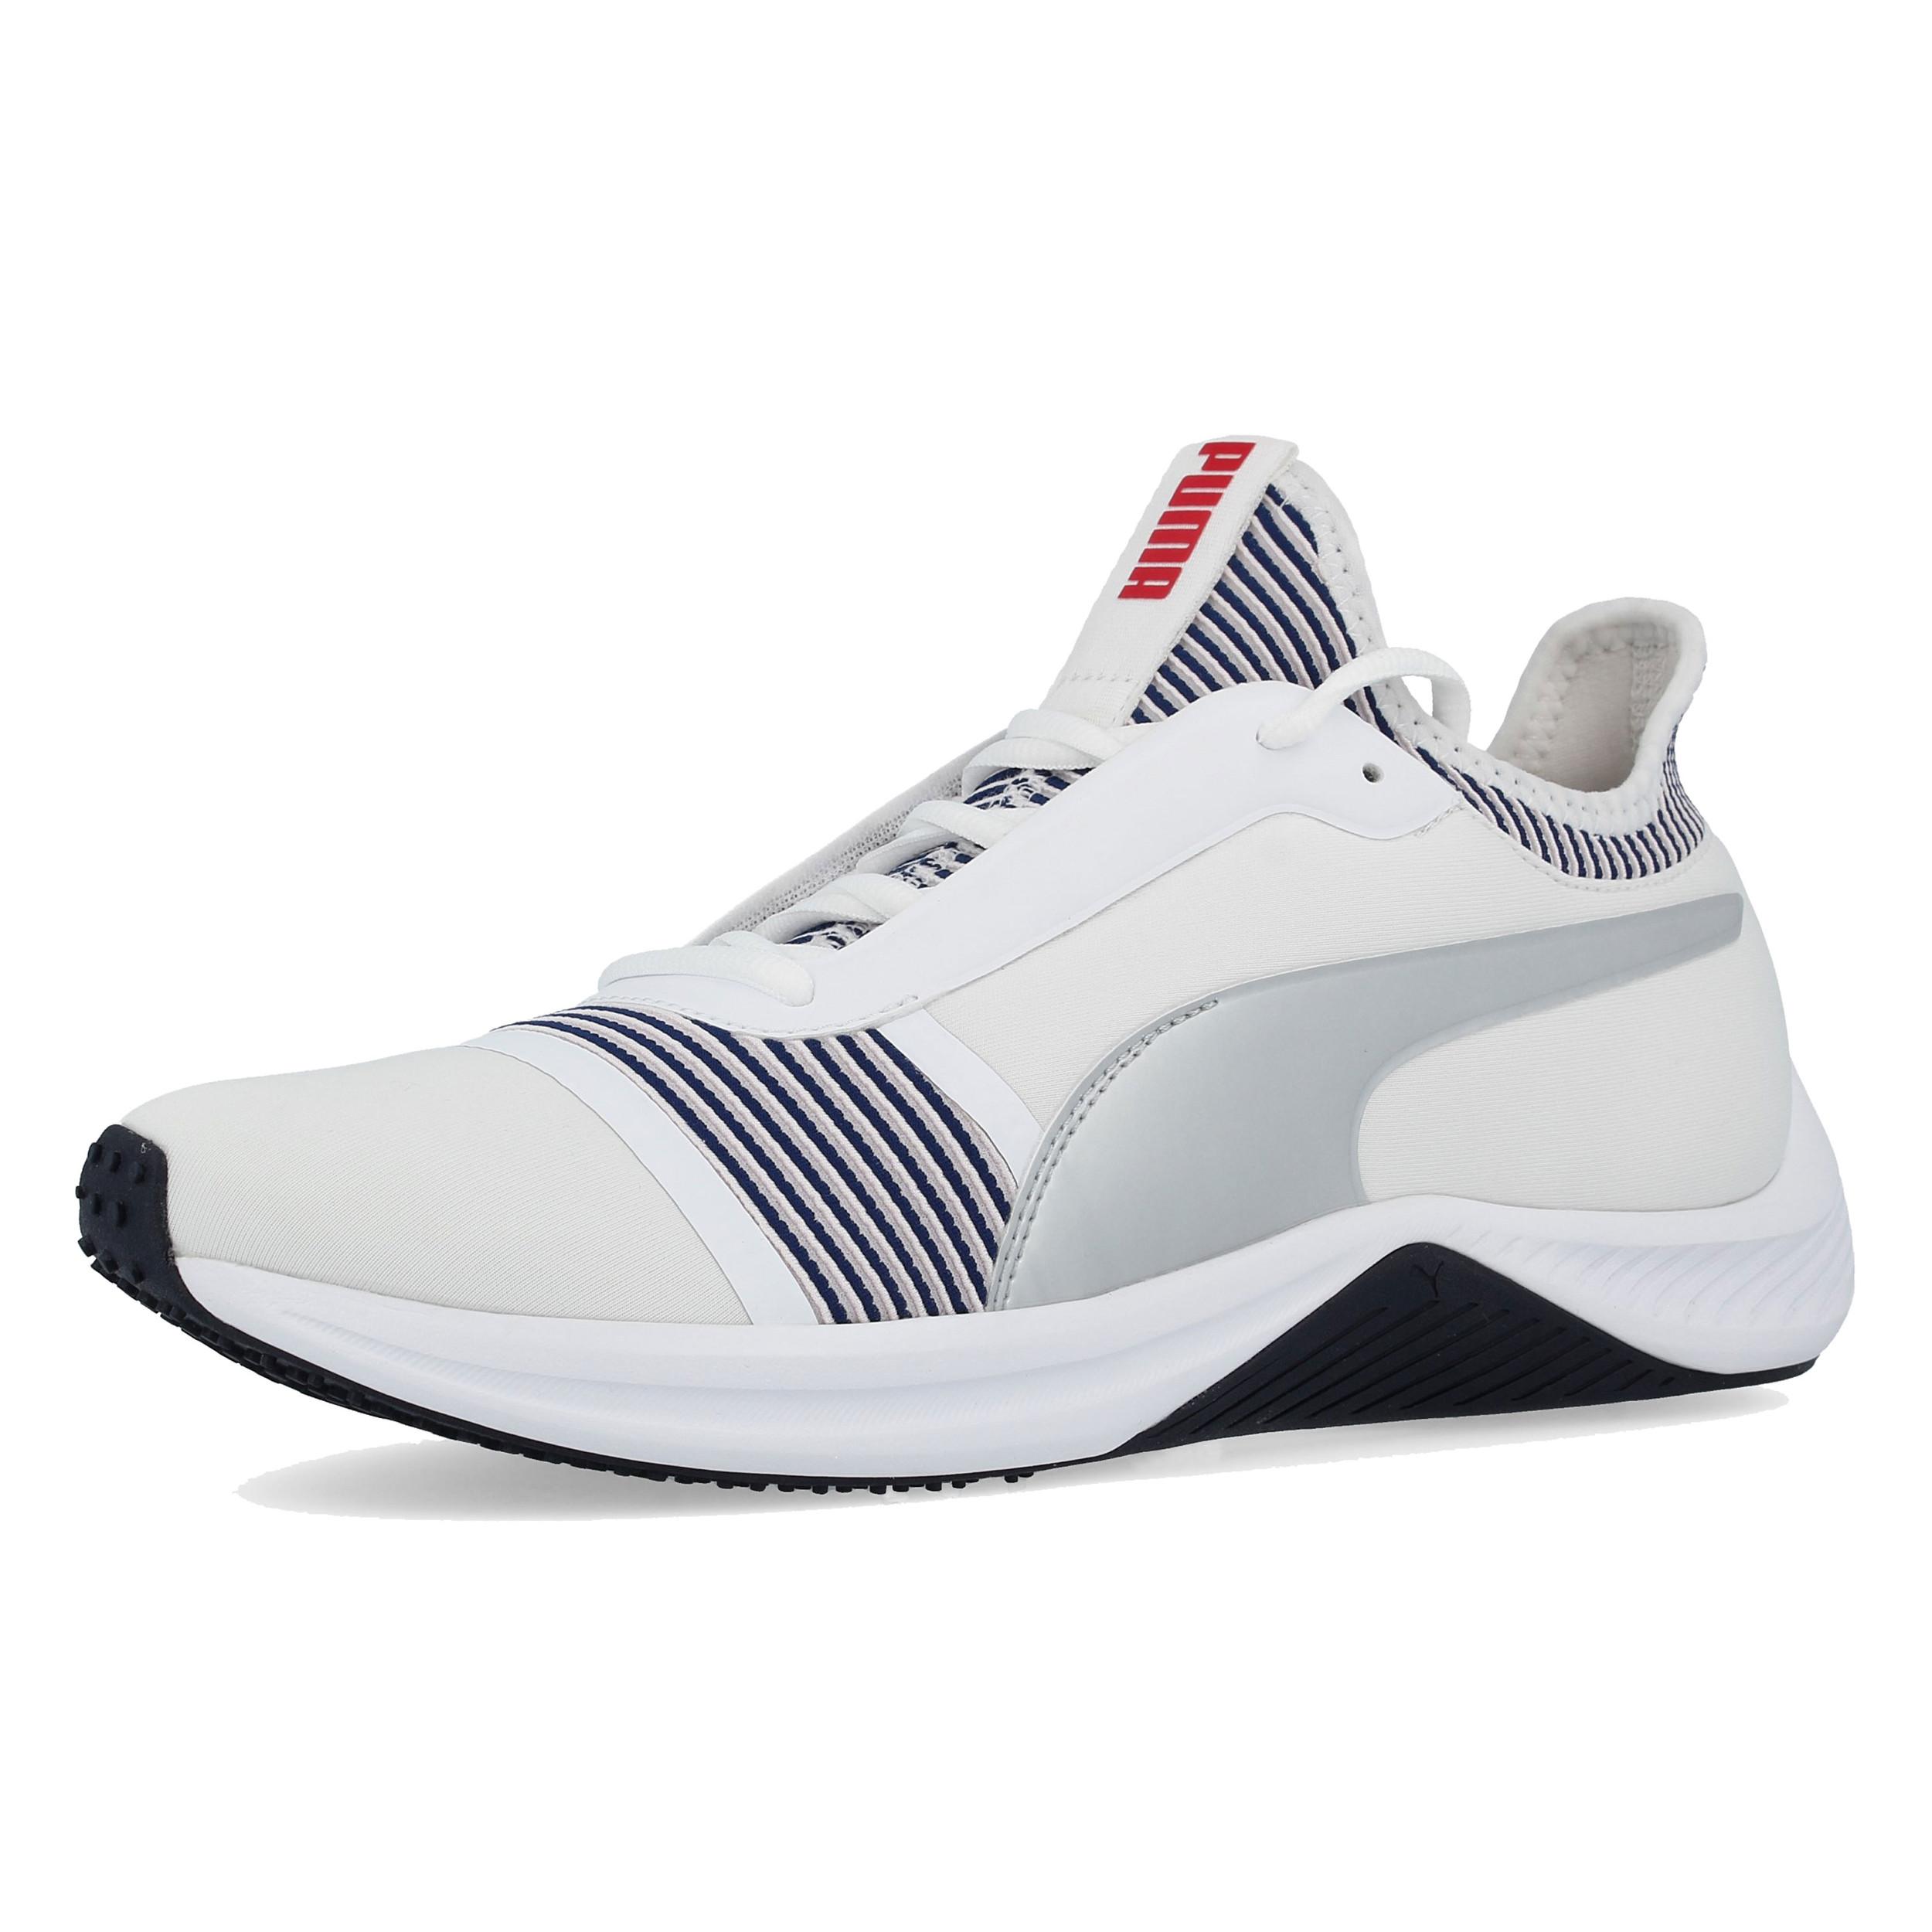 Détails Gym Fitness Baskets Sur Blanc Léger Puma Sport Amp Chaussures De Xt Femmes wmN80n